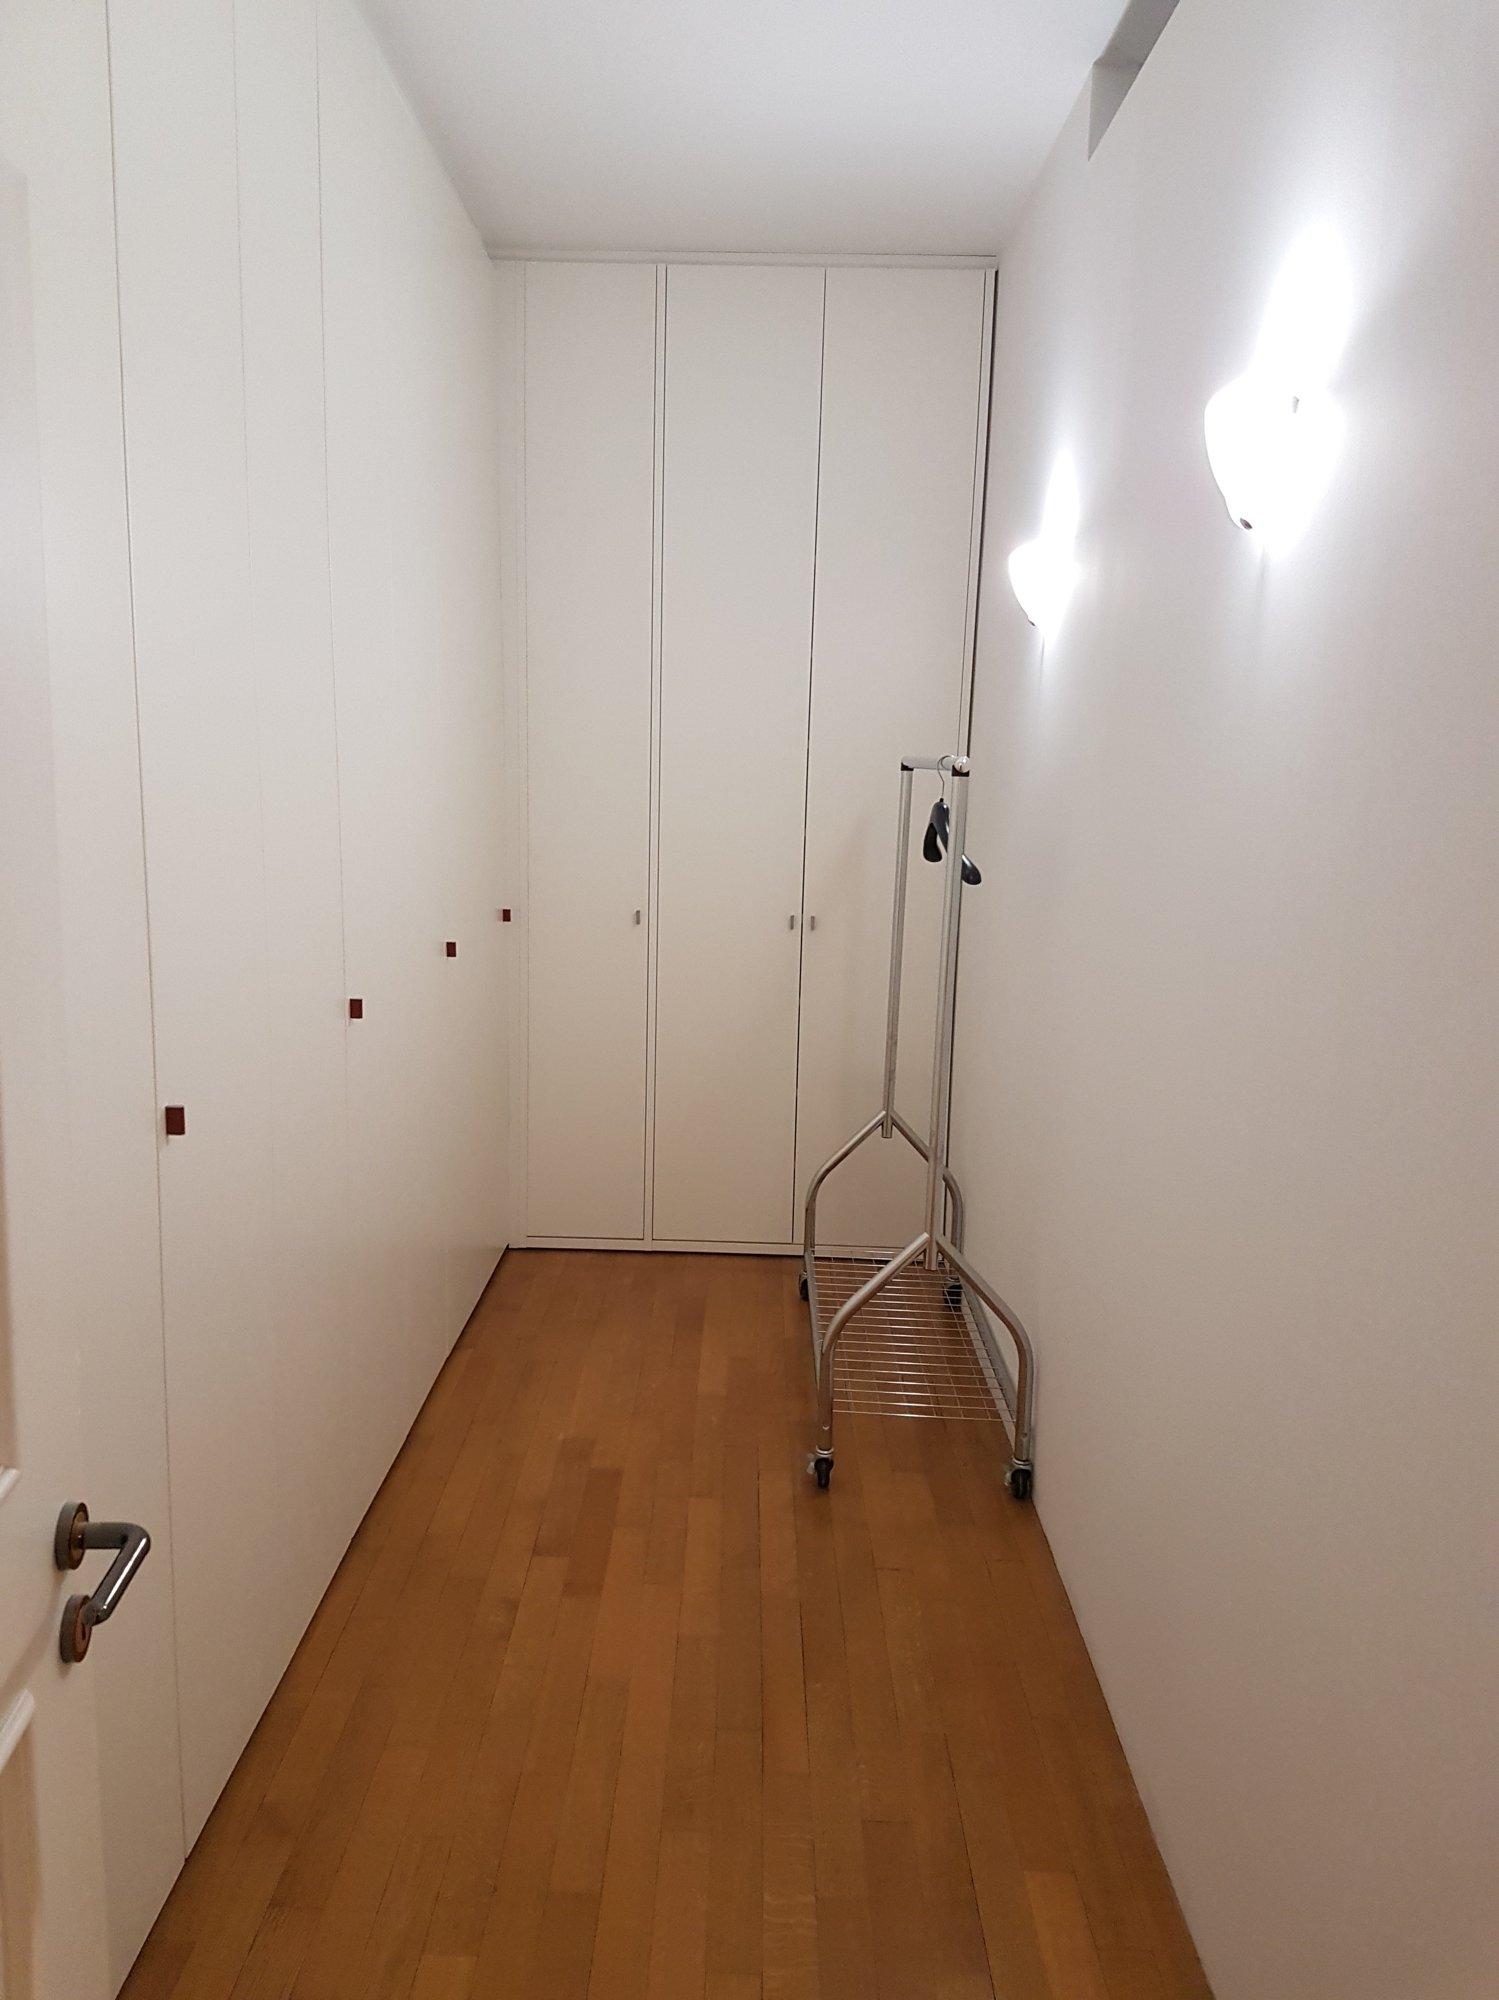 Umkleideraum_cabina armadio